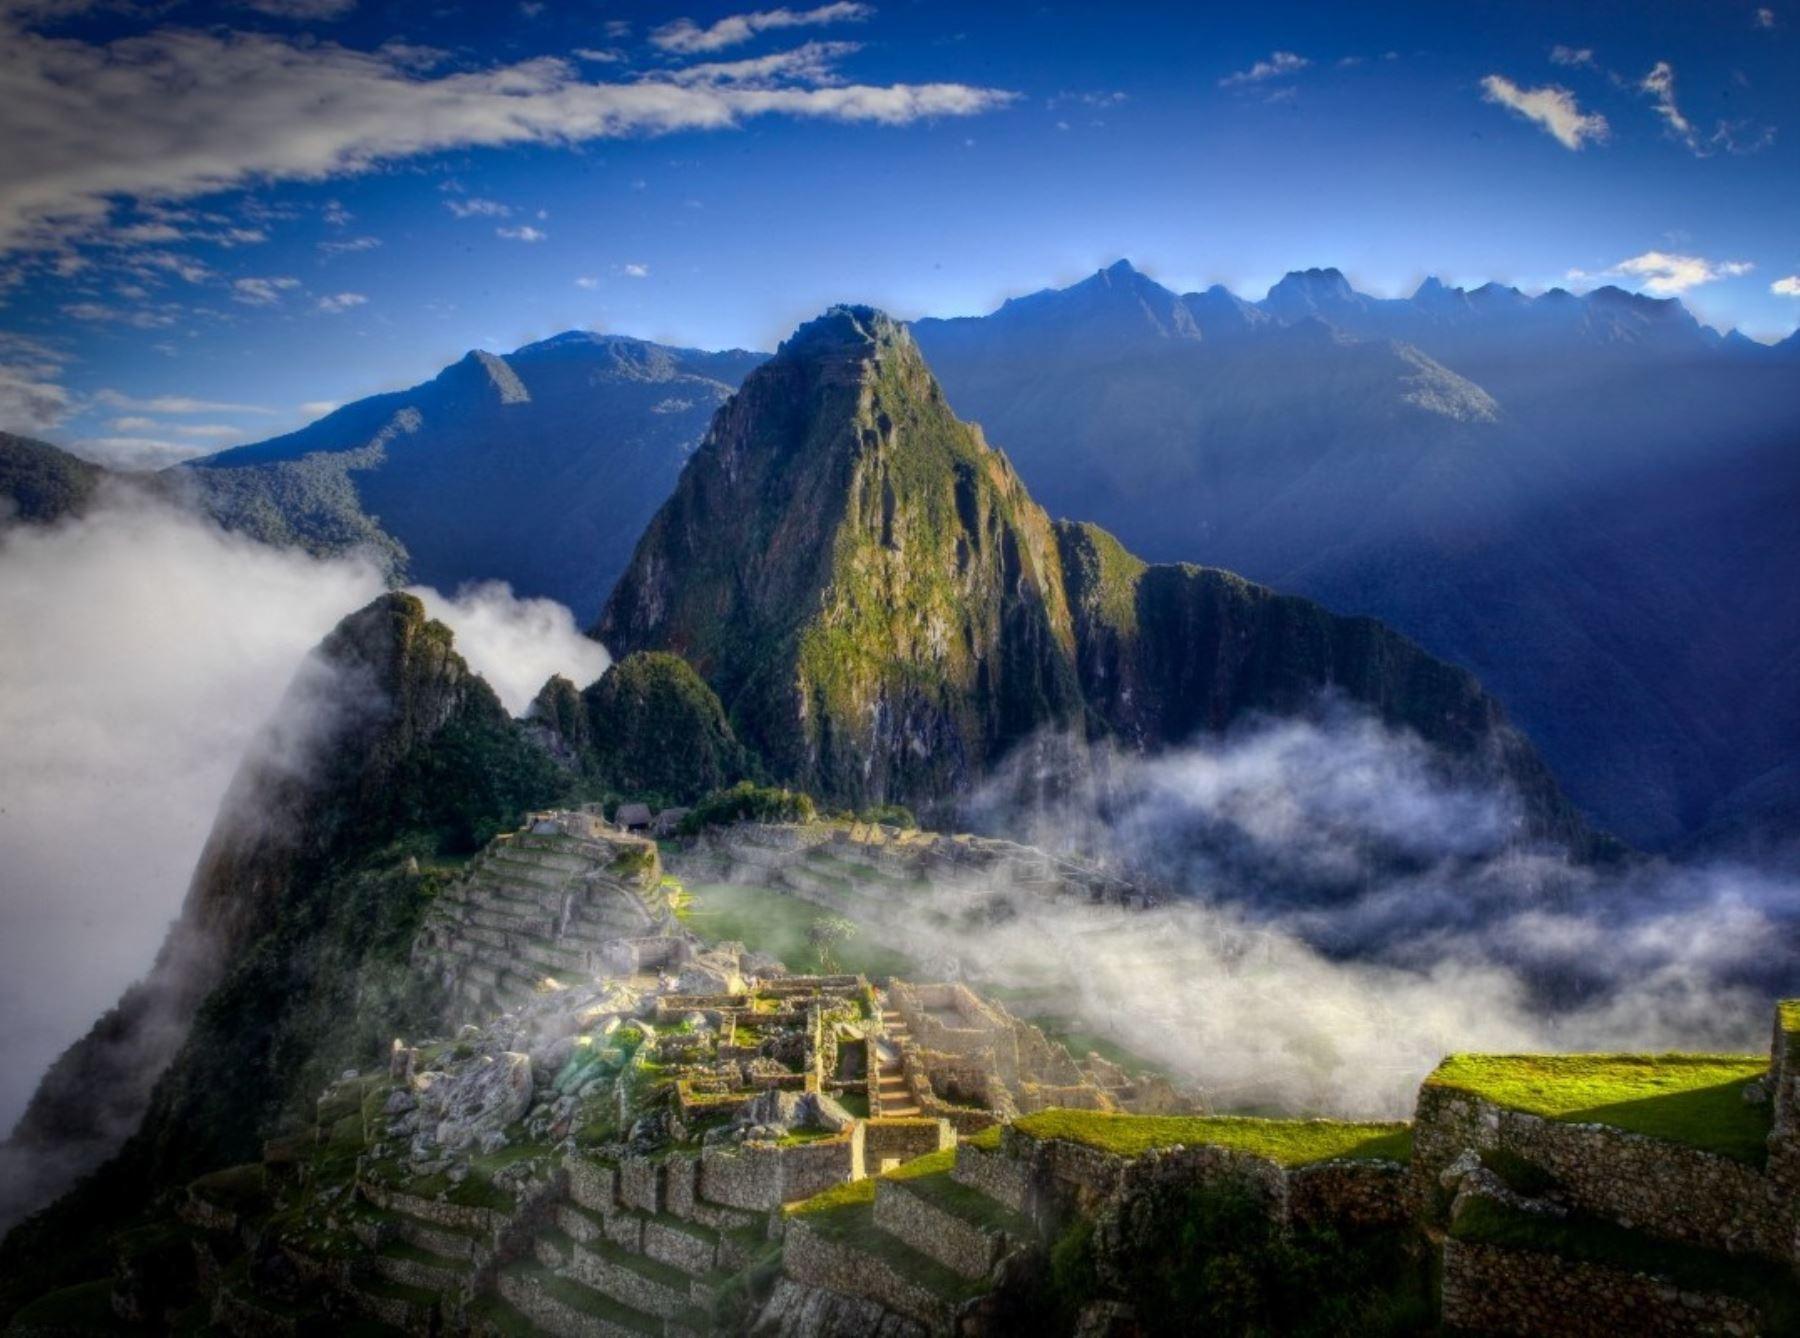 Ministerio de Cultura oficializa hoy ampliación de aforo de visitantes a Machu Picchu